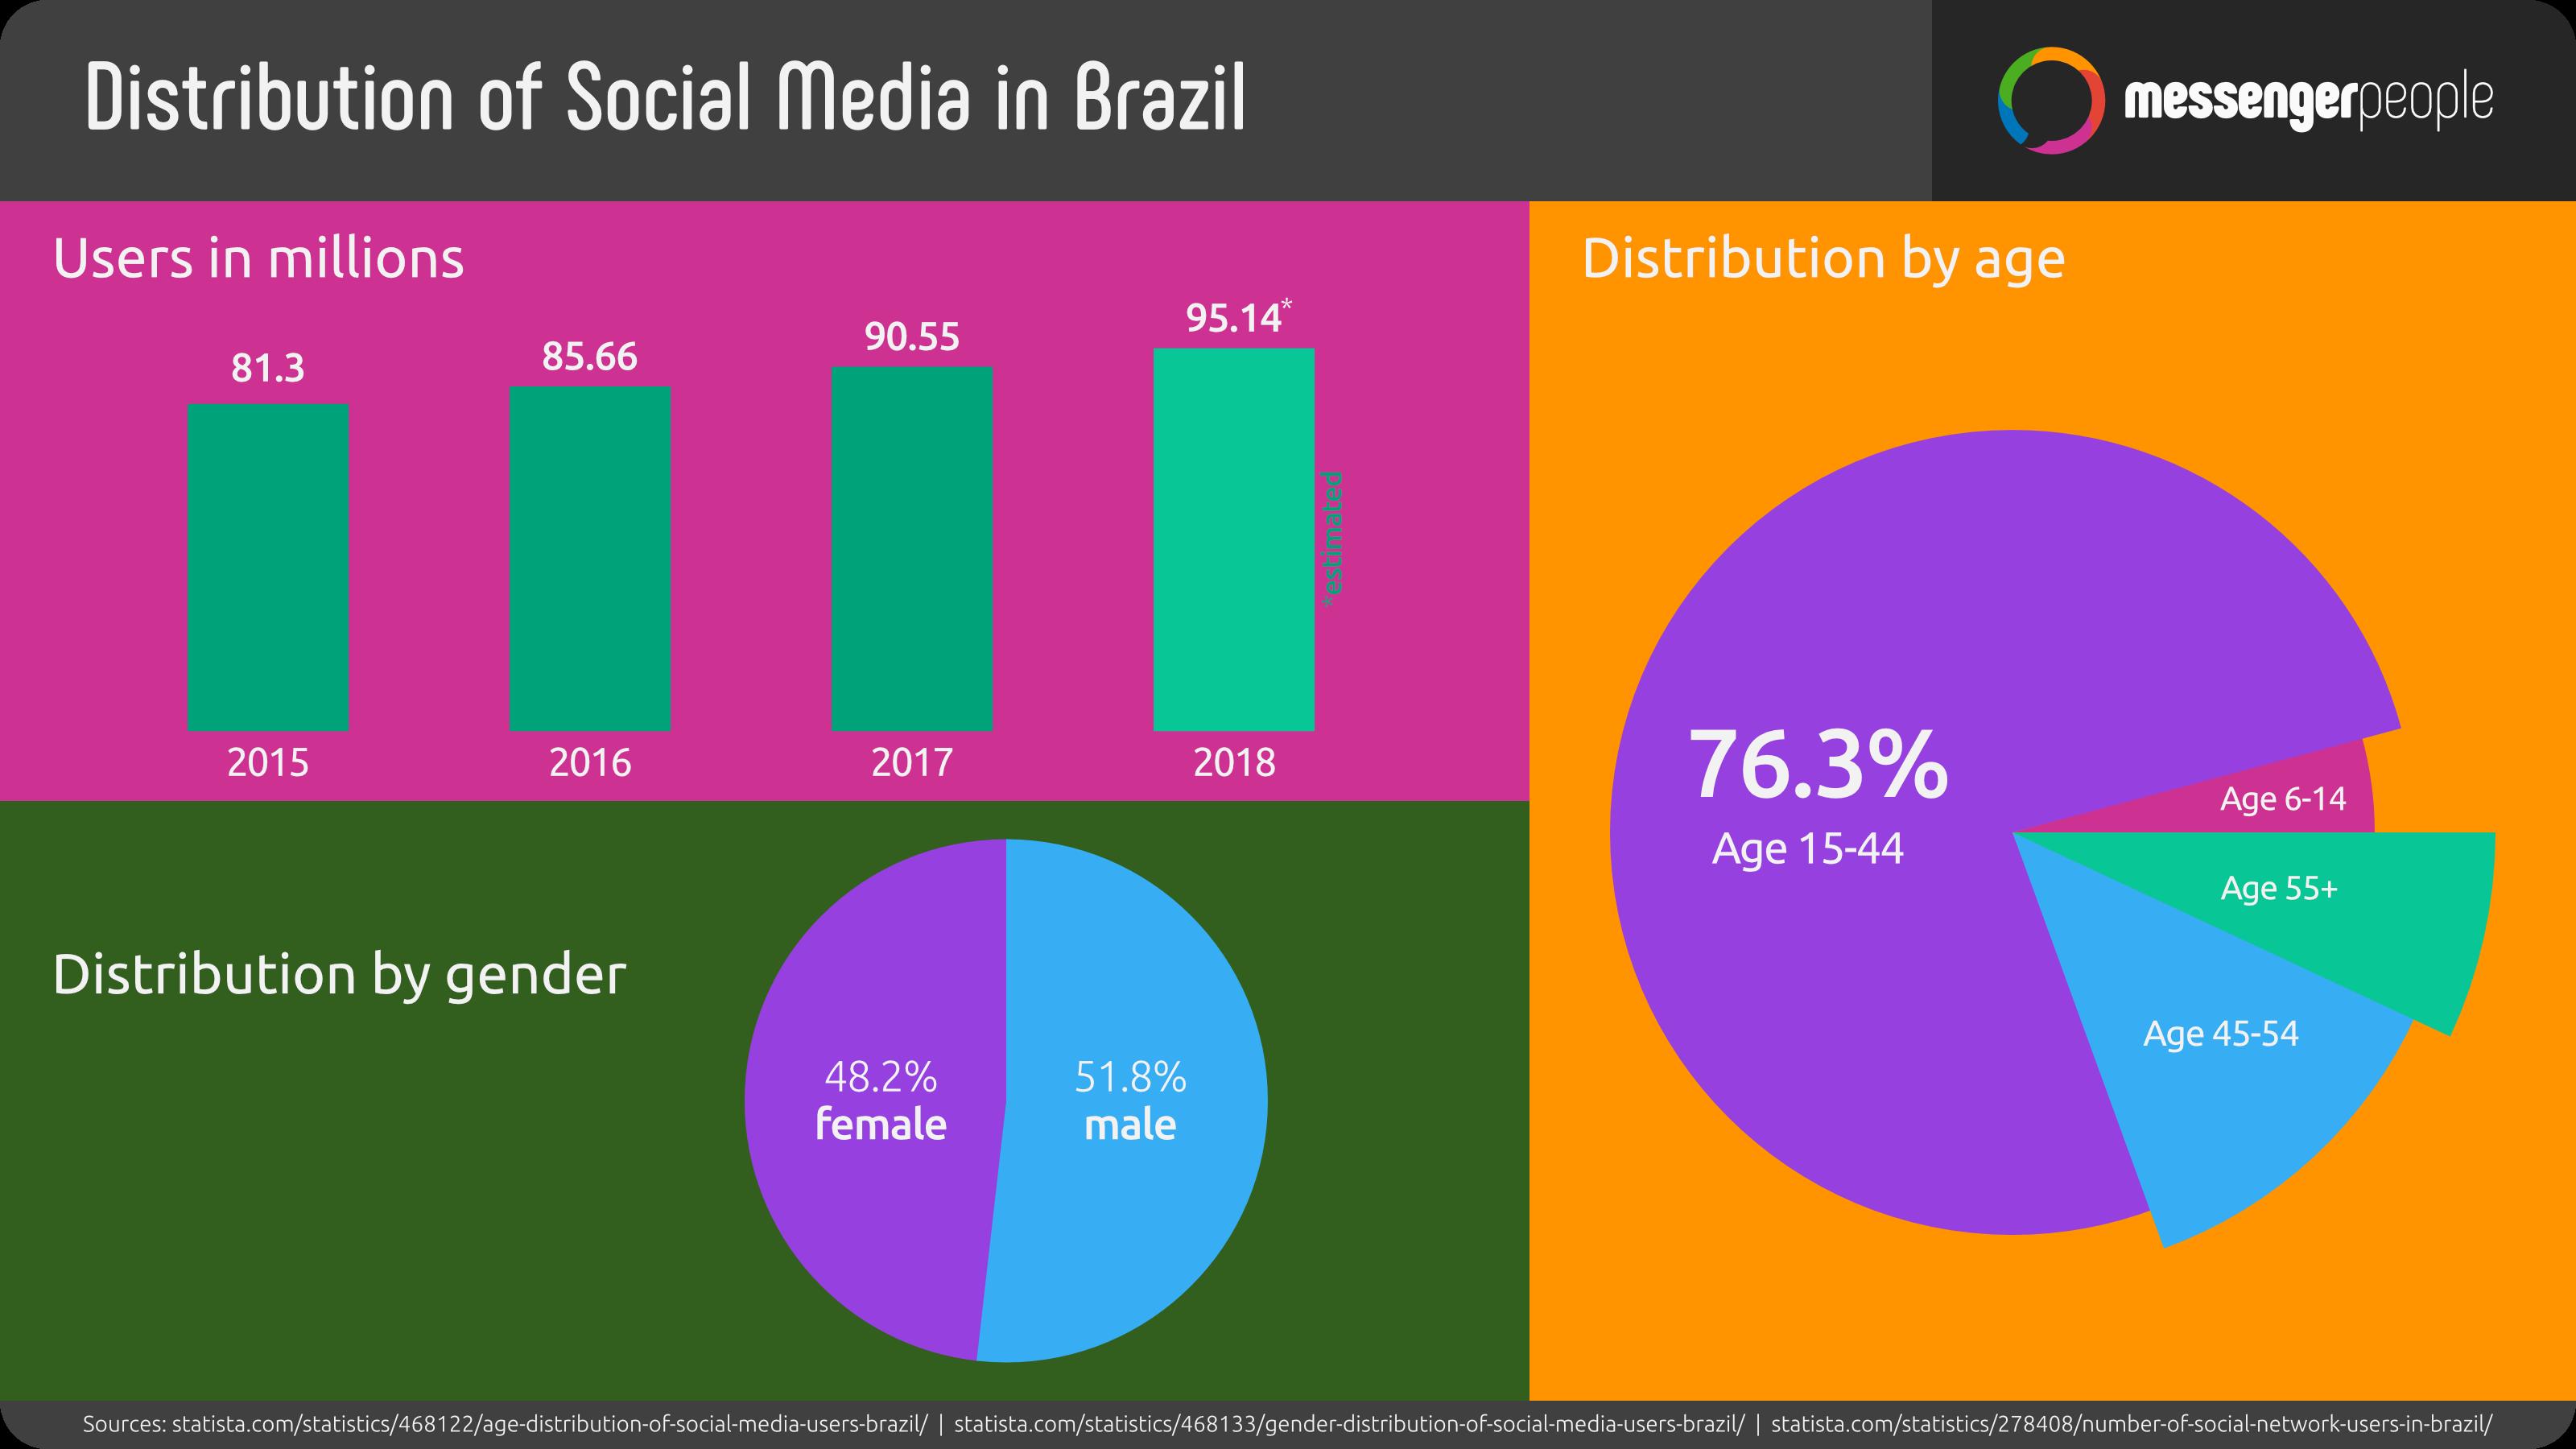 statistik-social-media-in-brazil-en-stand-2018-08